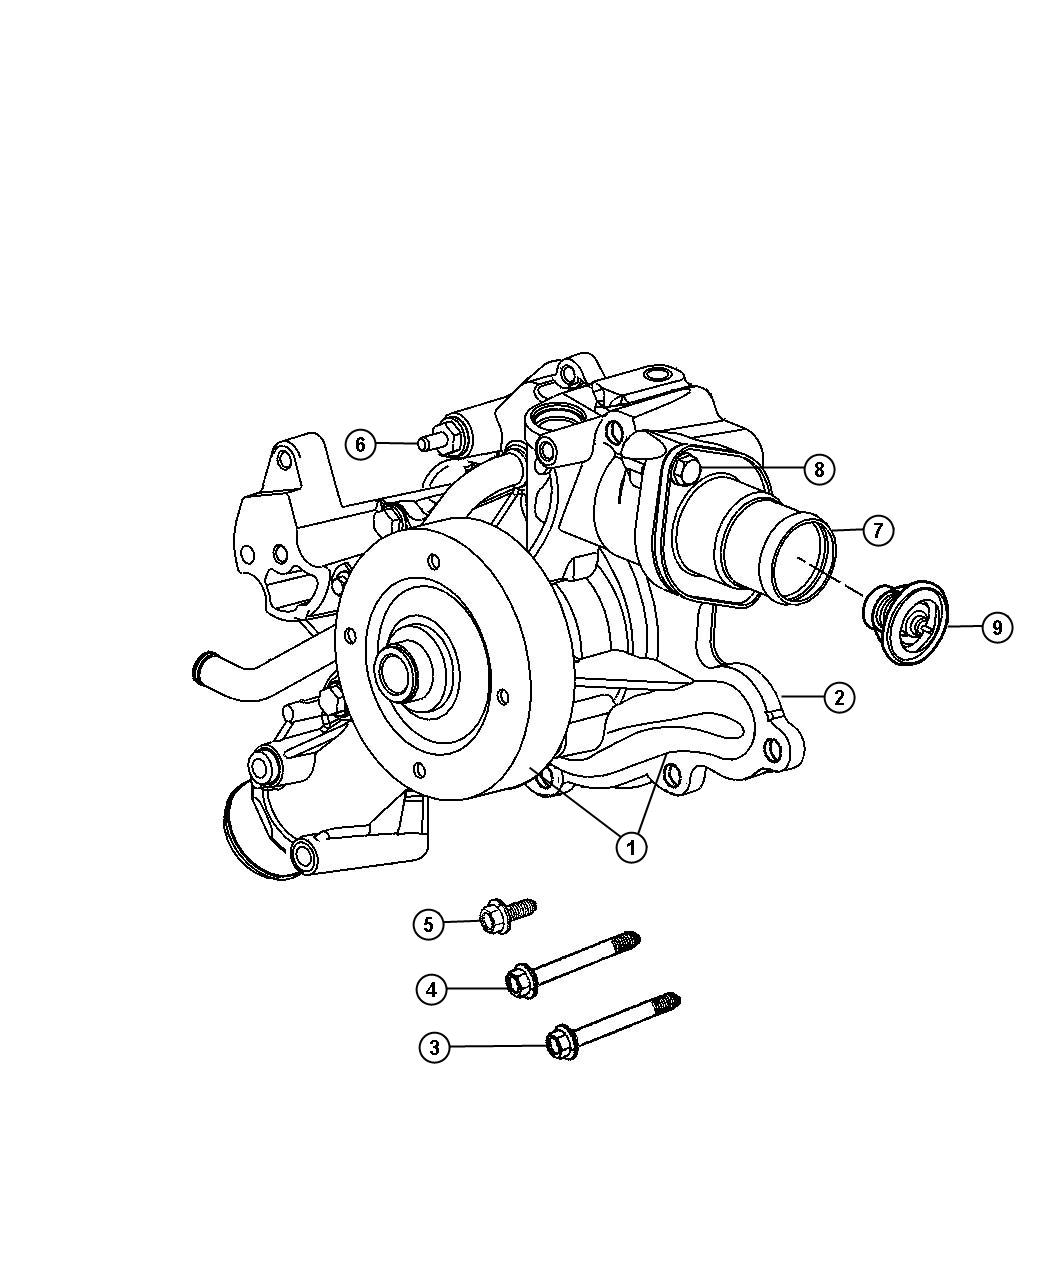 Dodge 5 7 Liter Engine Diagram, Dodge, Free Engine Image